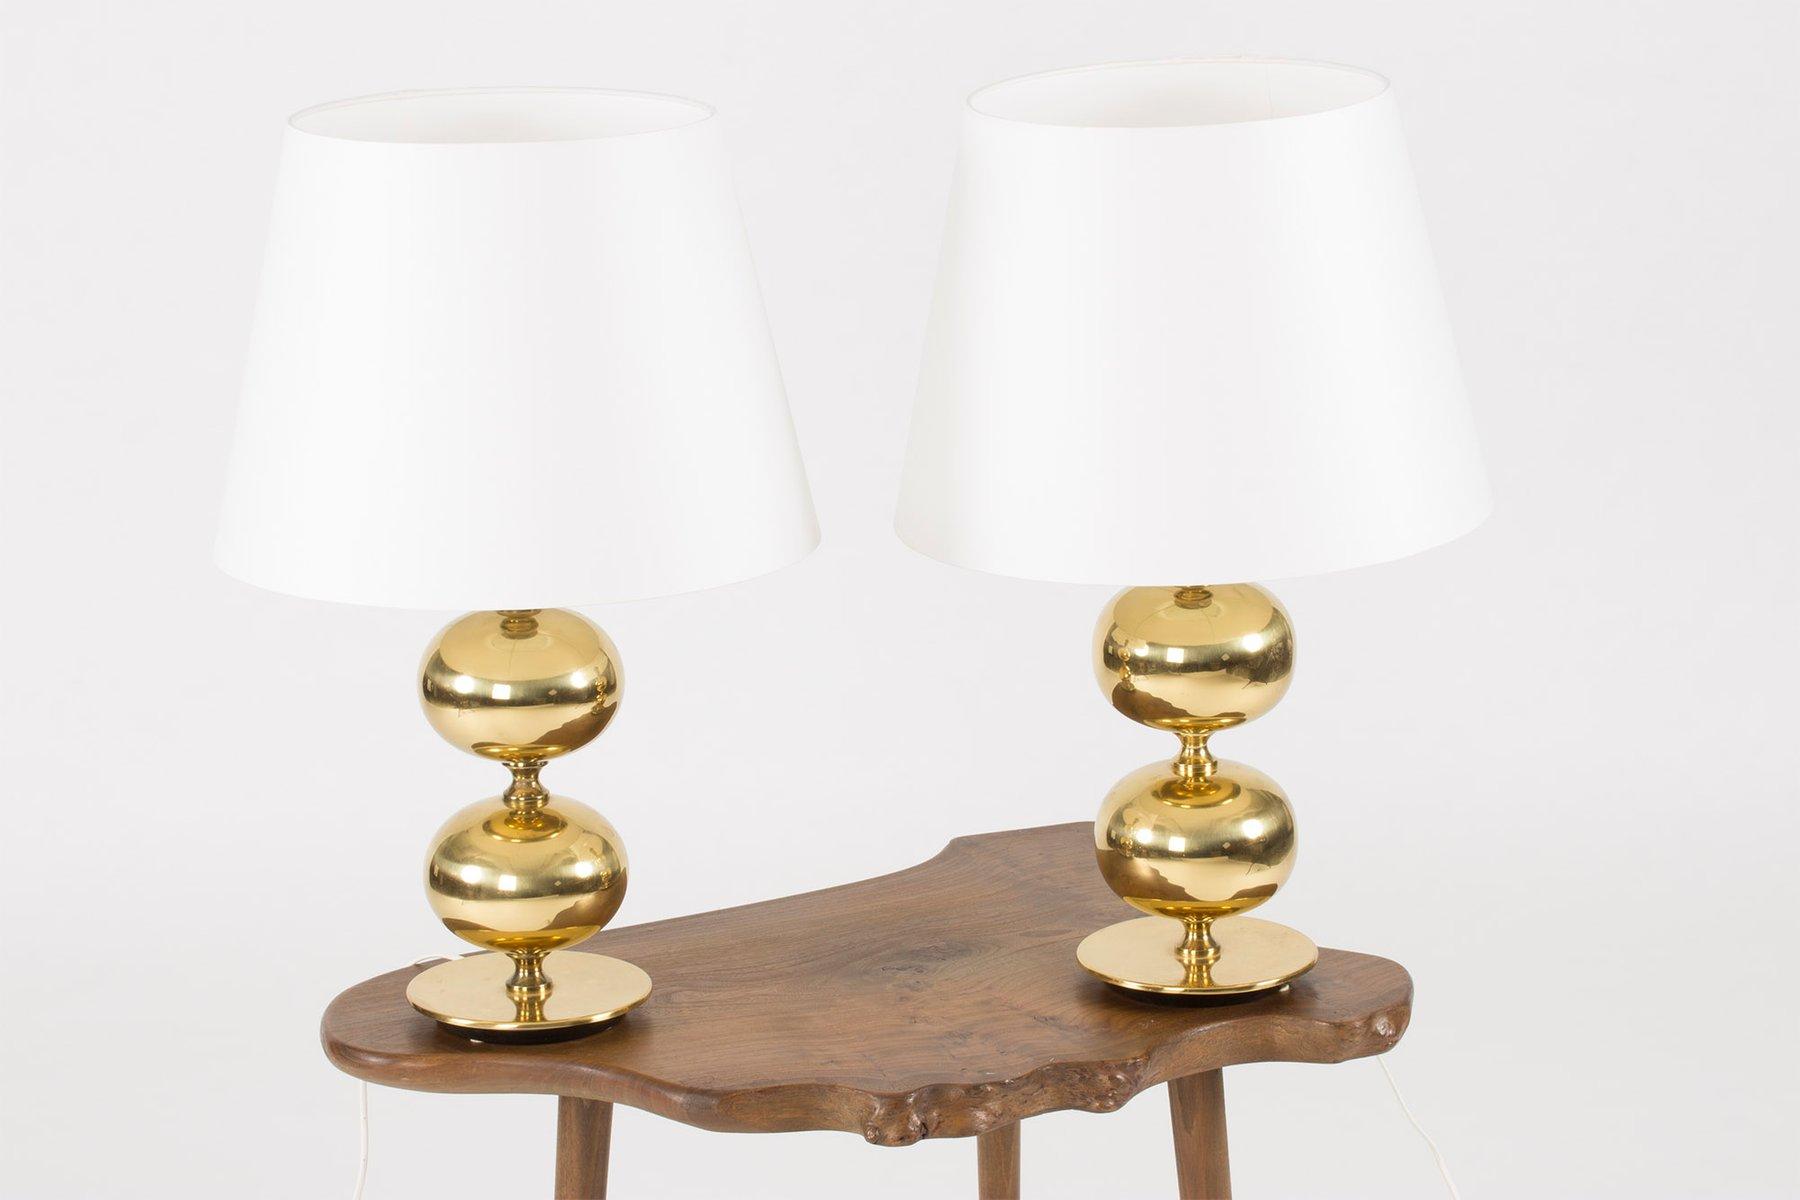 Brass Table Lamps by Henrik Blomqvist for Trans Stilarmatur